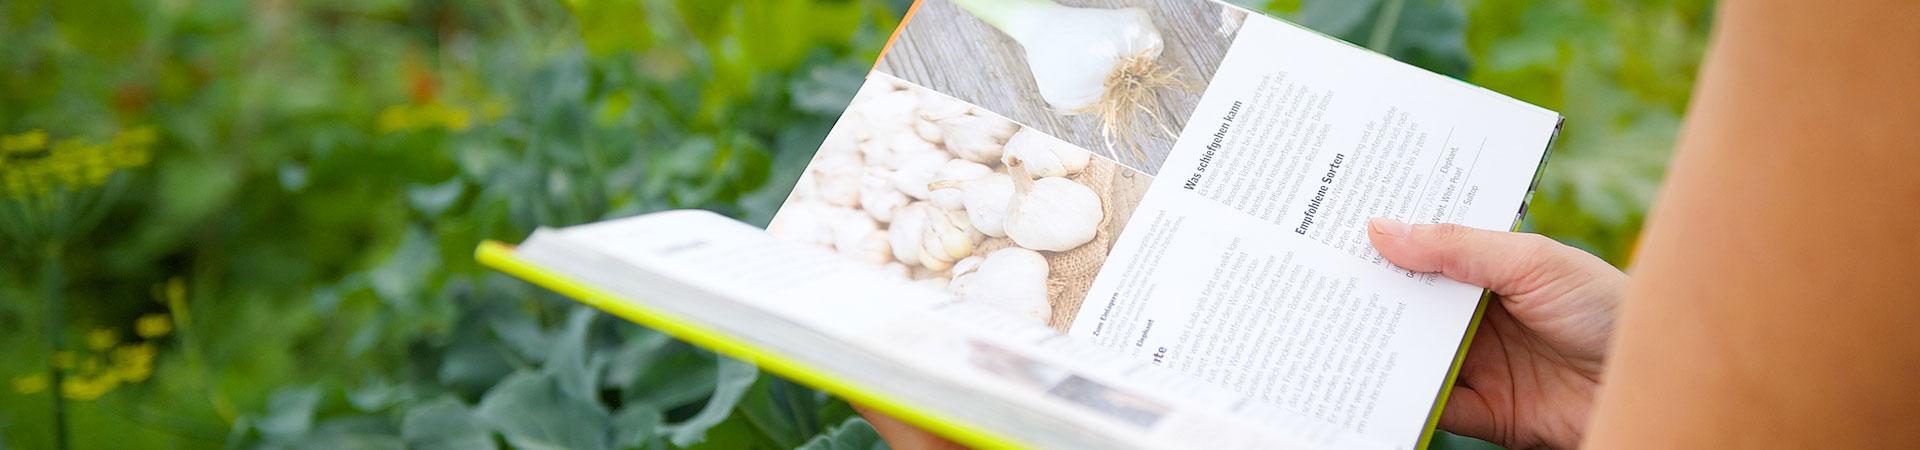 chinakohl pflanzen tipps garten pflege, meine ernte: chinakohl anbauen, pflegen, ernten und lagern, Design ideen